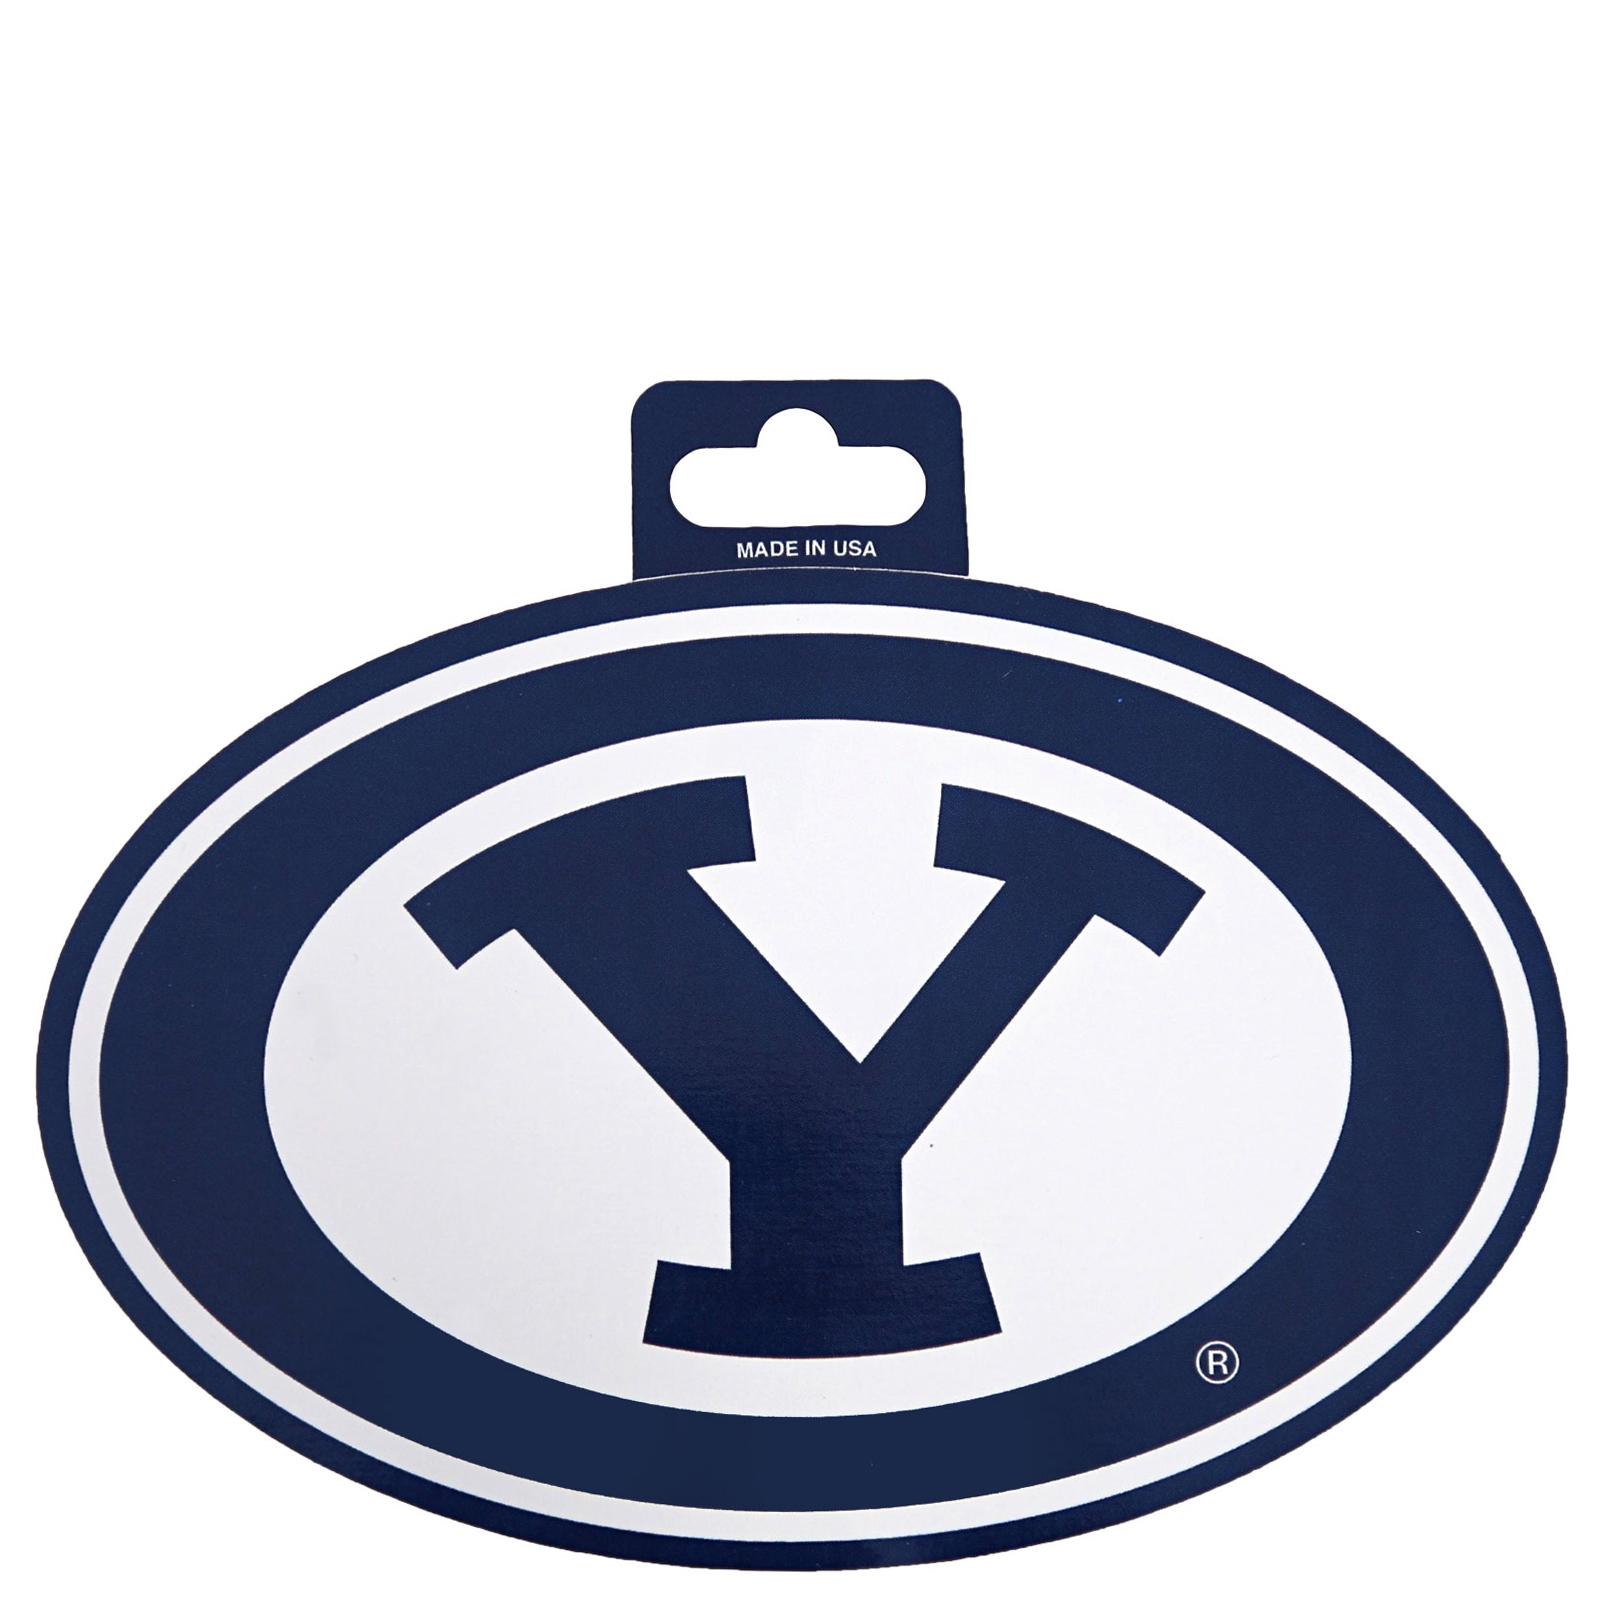 Oval Y BYU Sticker